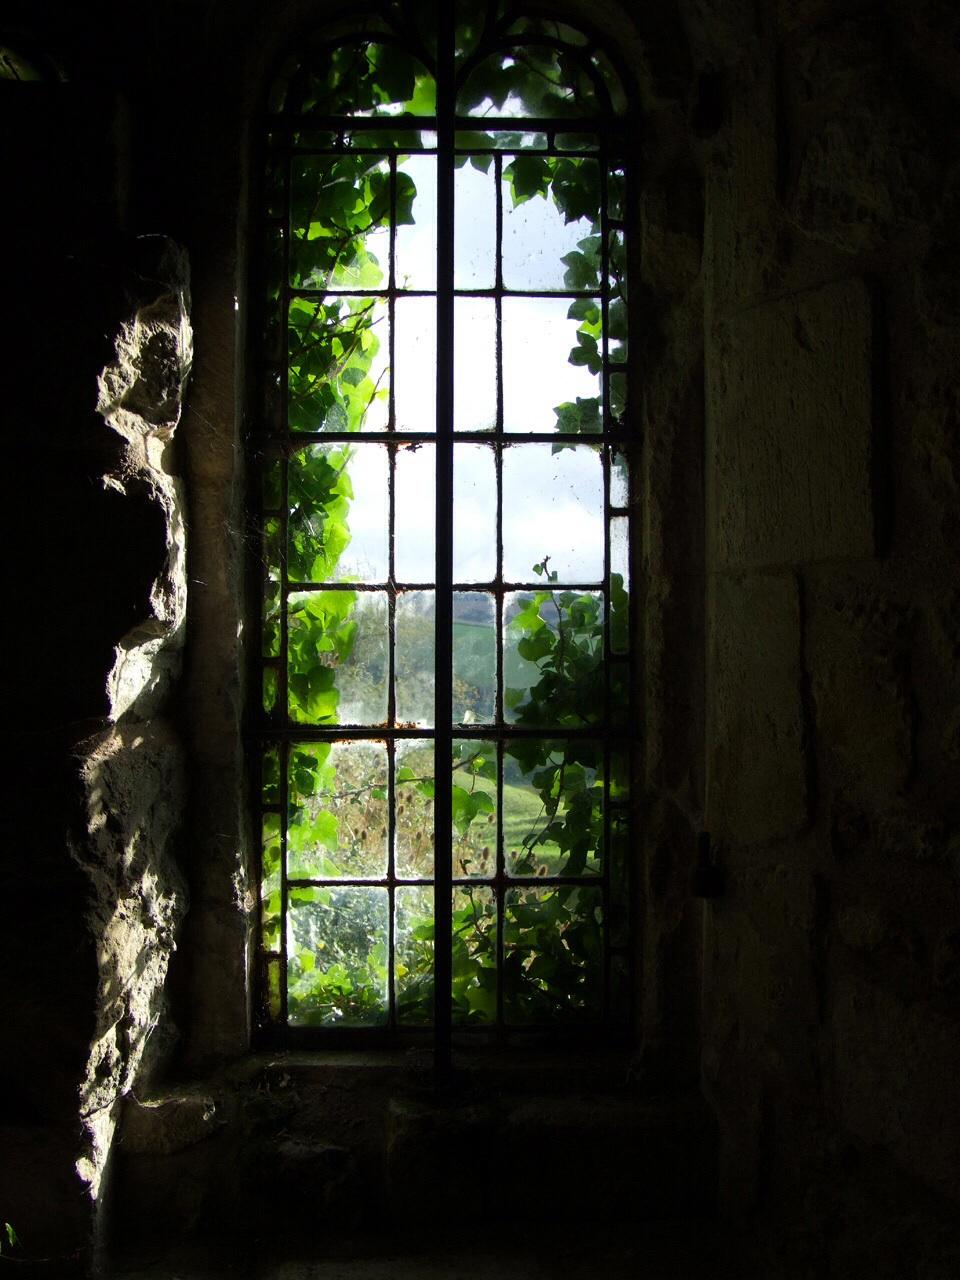 door knocking sound in dream 3